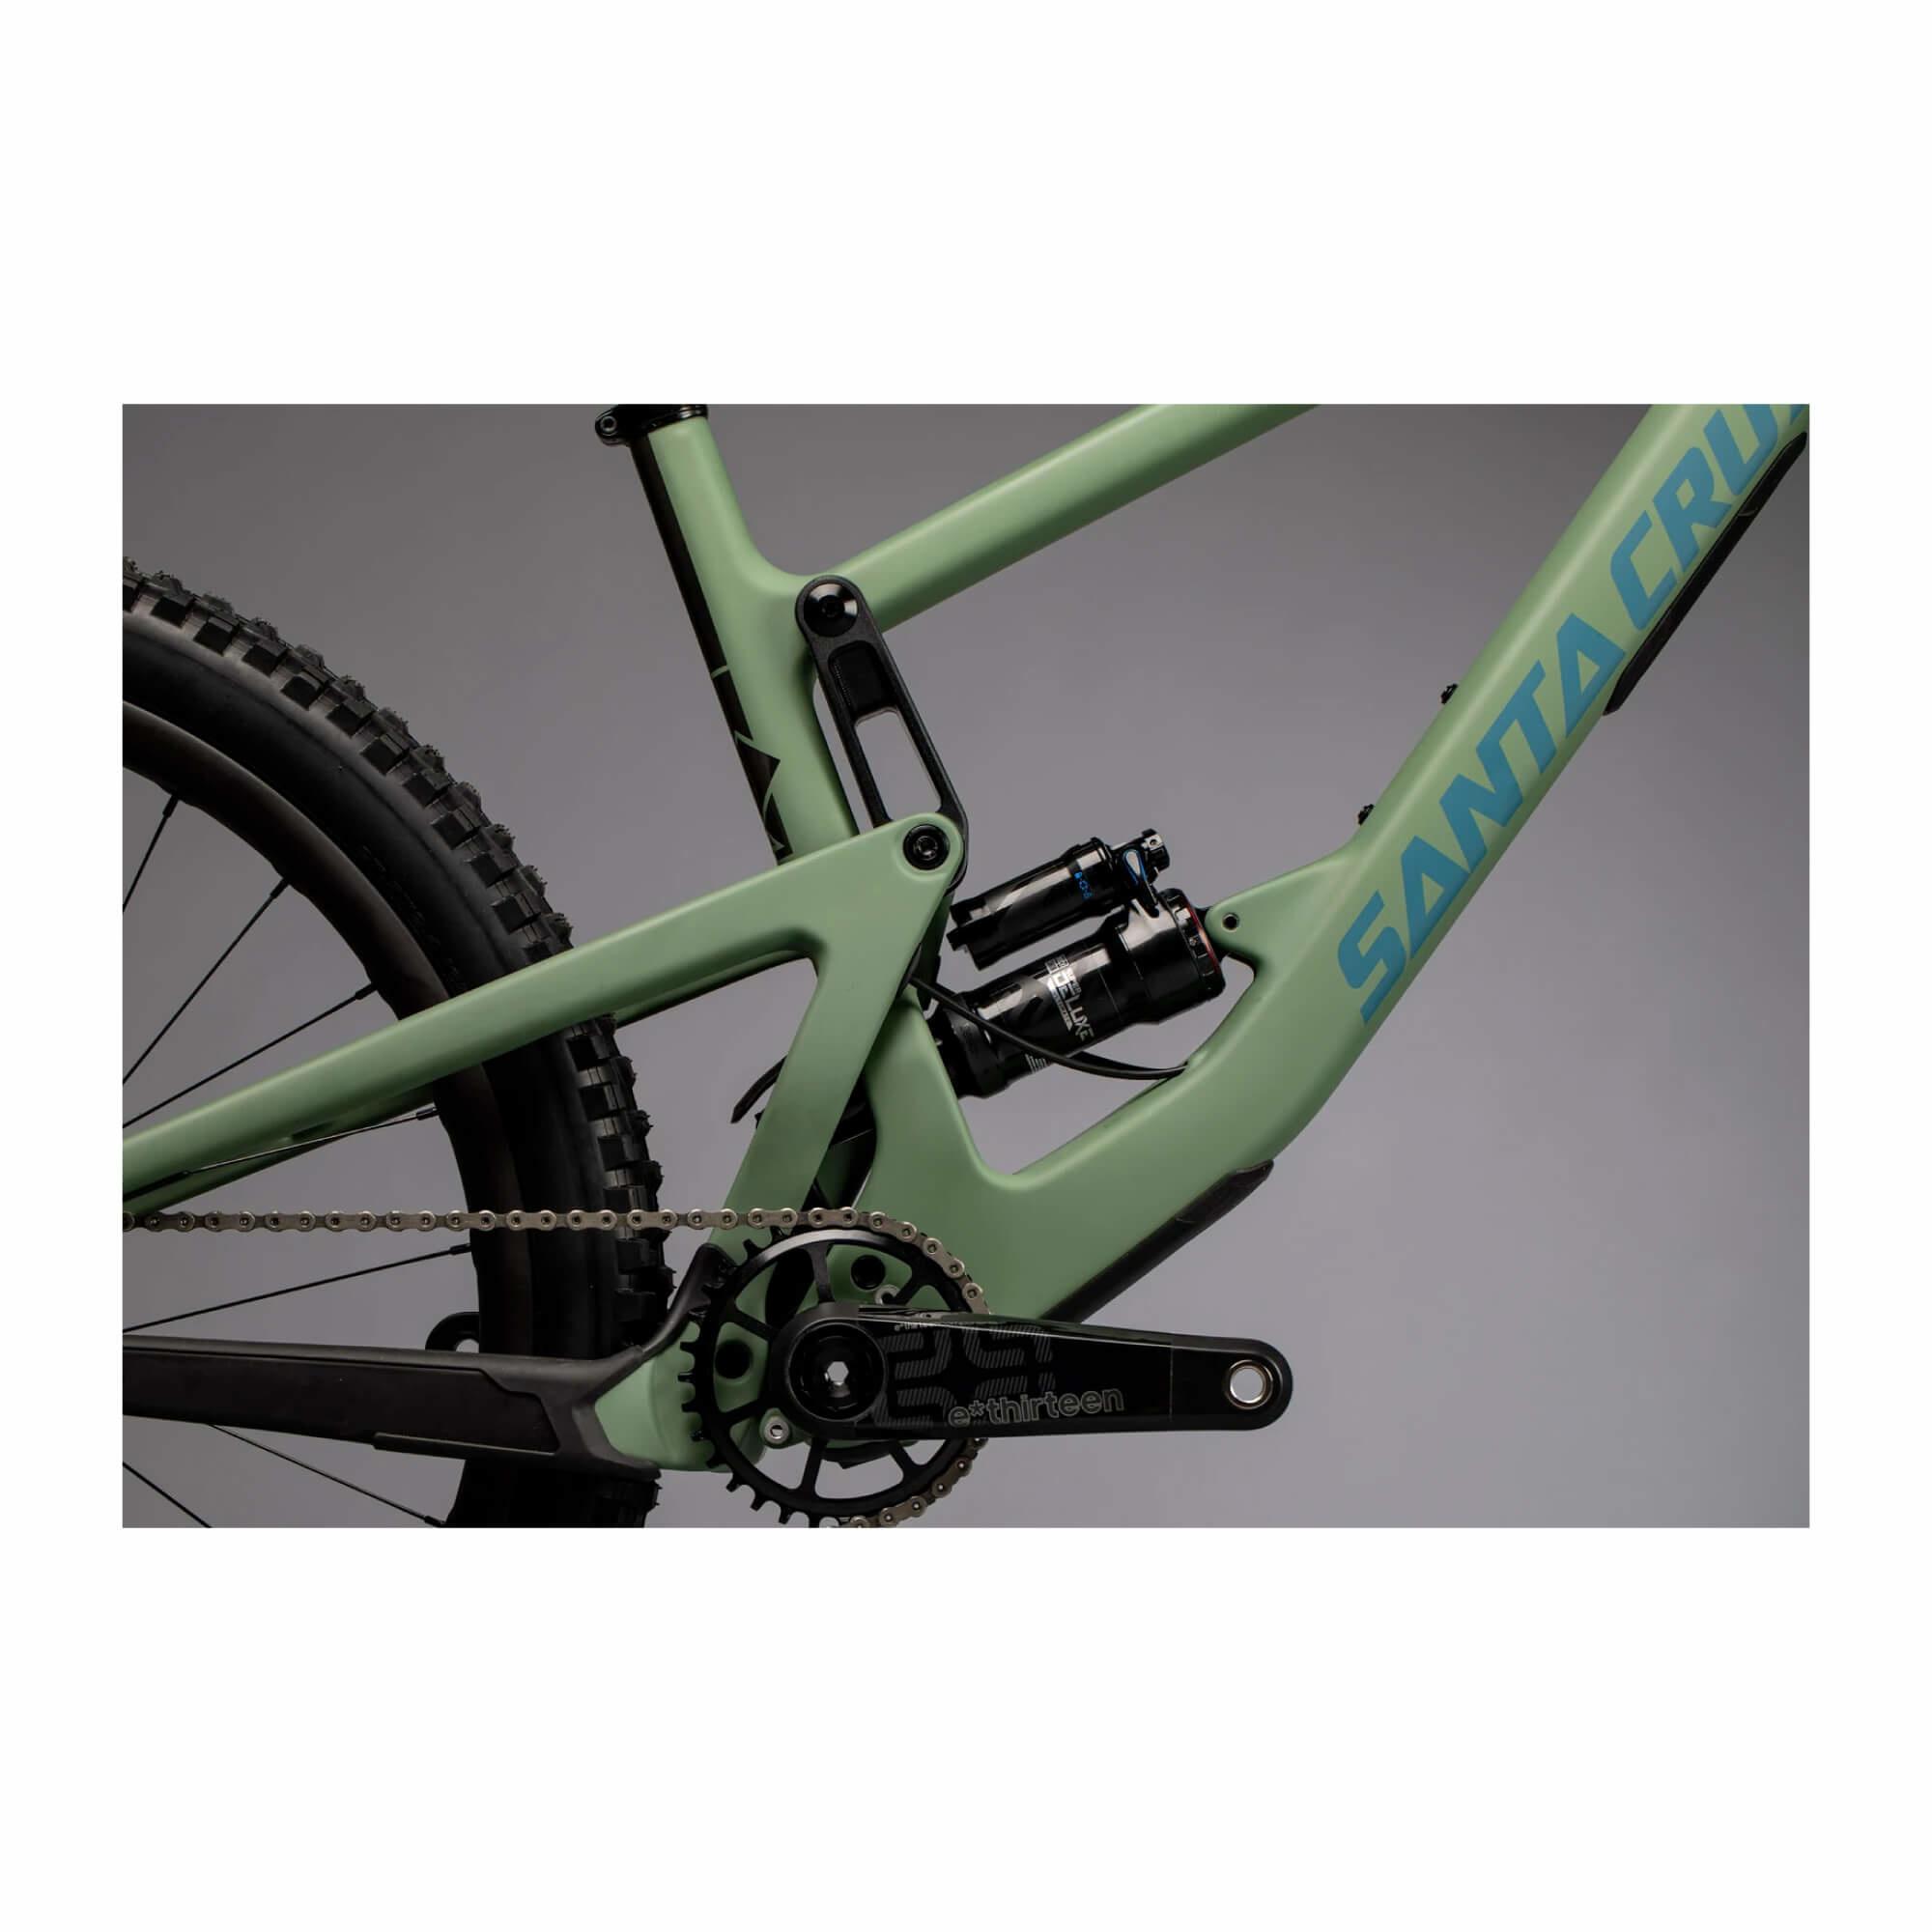 Bronson 3.0 C 27.5 S GX RS Lyrik Select + 160  2020-5